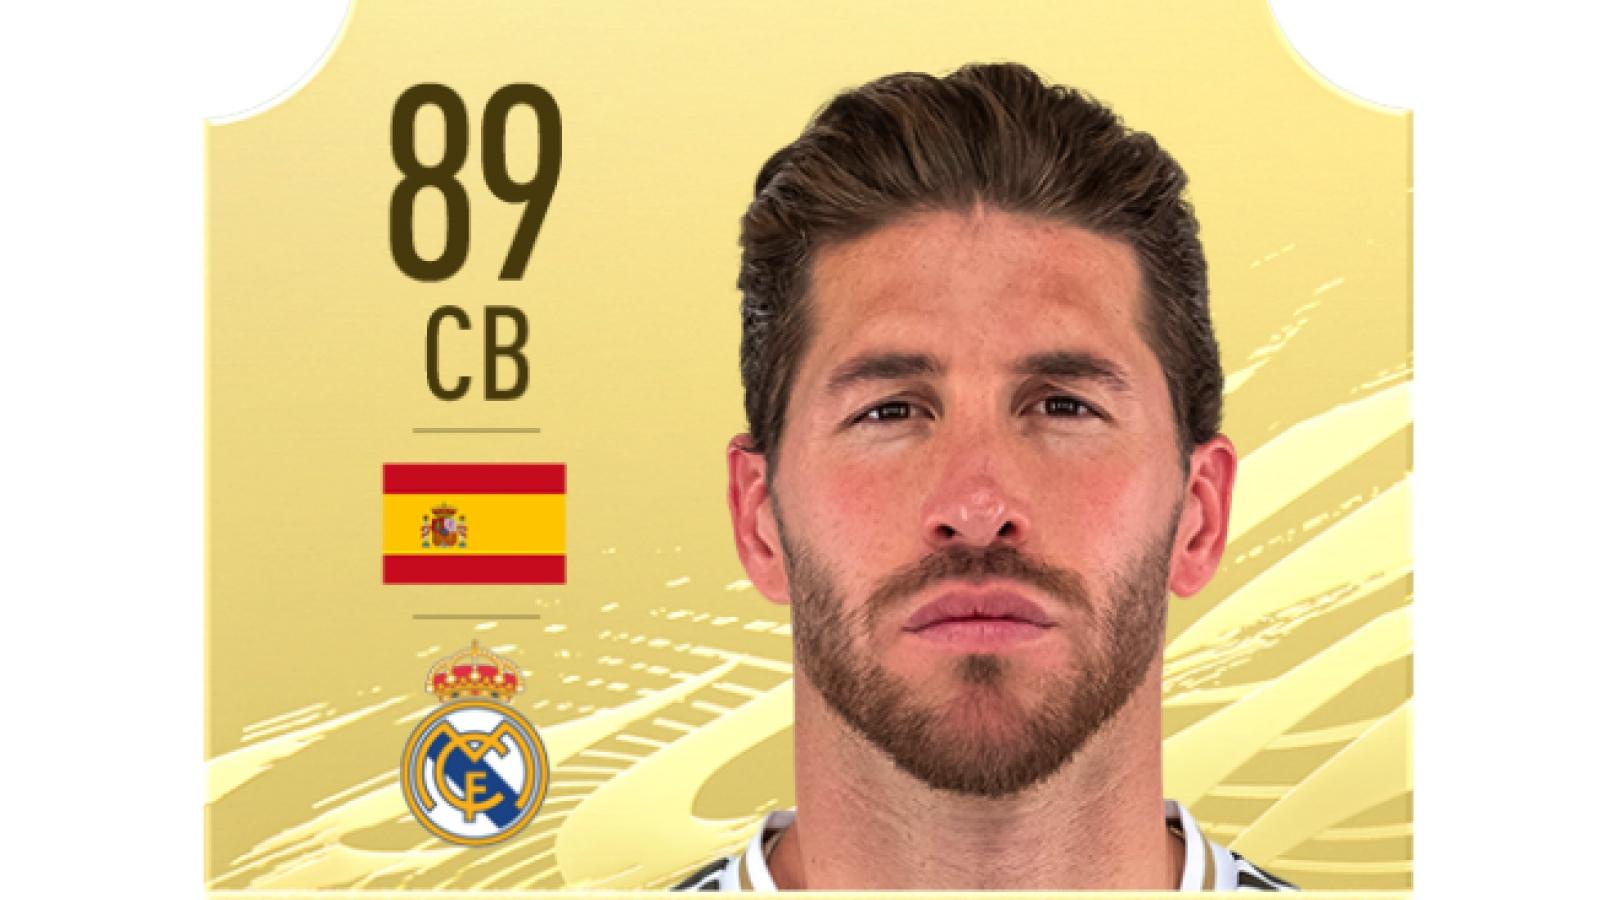 Top 10 trung vệ xuất sắc nhất thế giới trong FIFA 21: Ramos thua một người